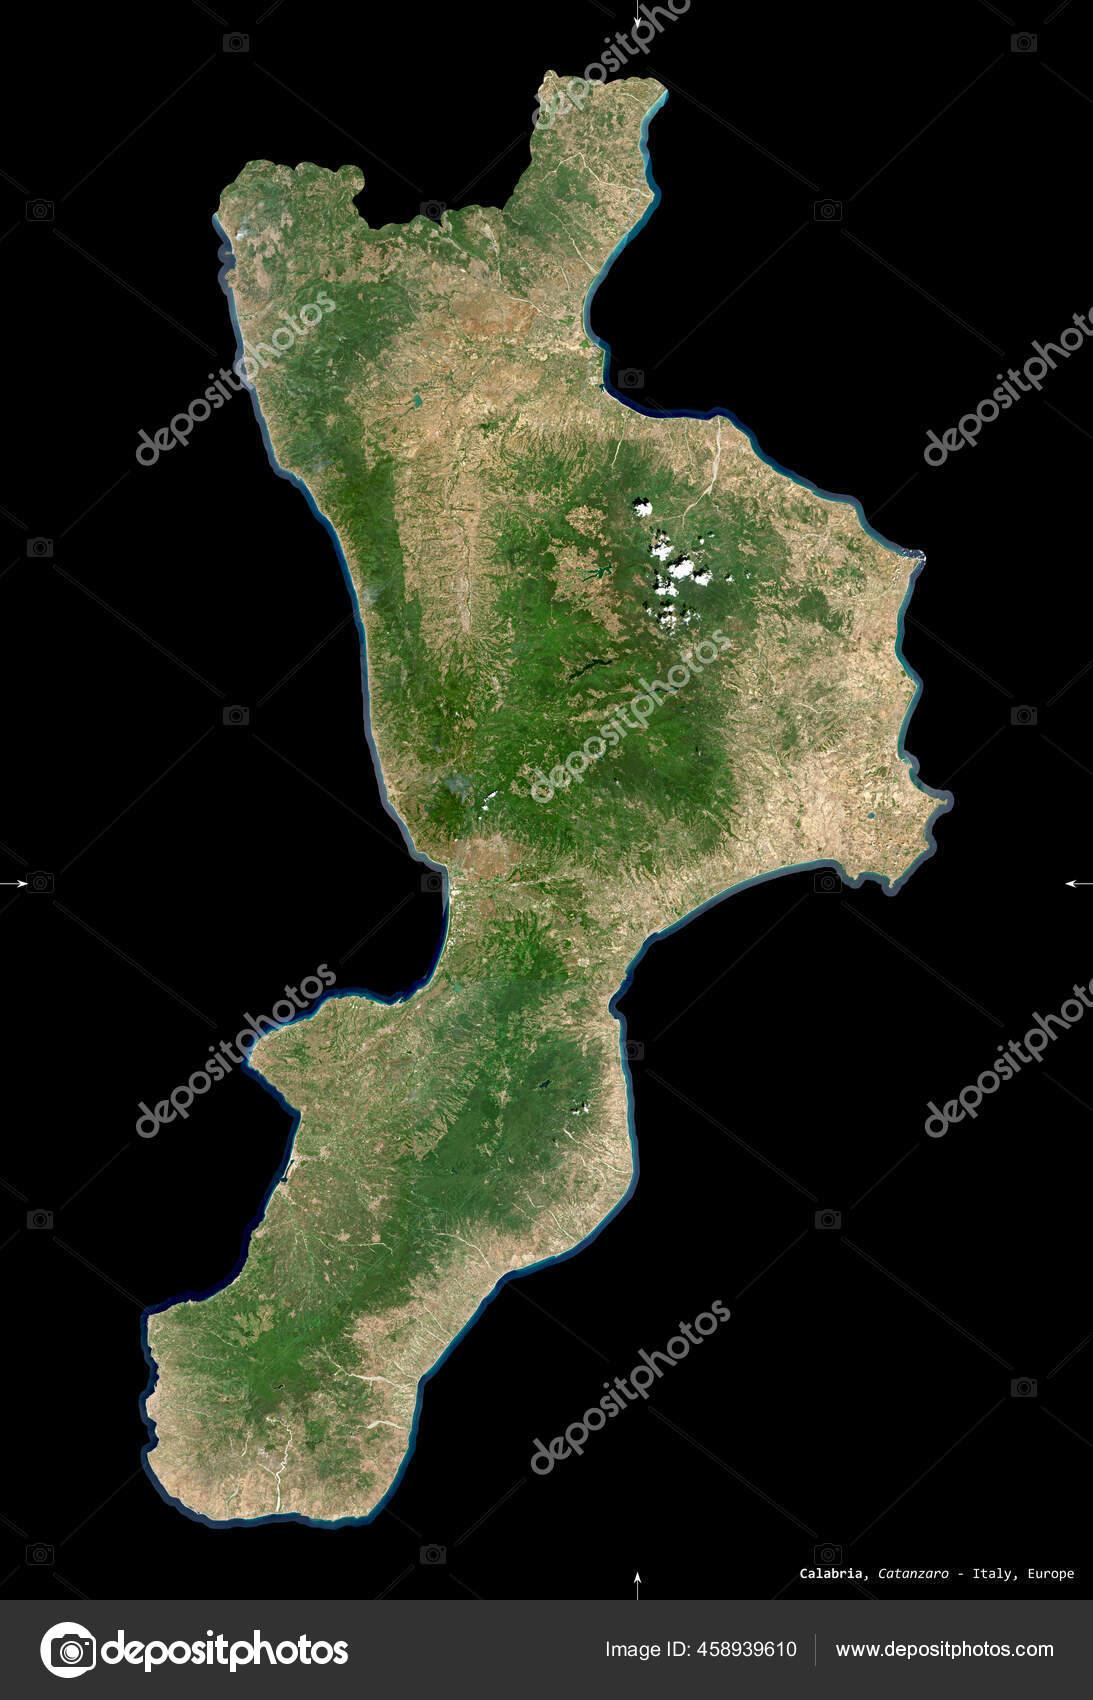 Regione Calabria Cartina Politica.Foto Cartina Della Calabria Immagini Cartina Della Calabria Da Scaricare Foto Stock Depositphotos